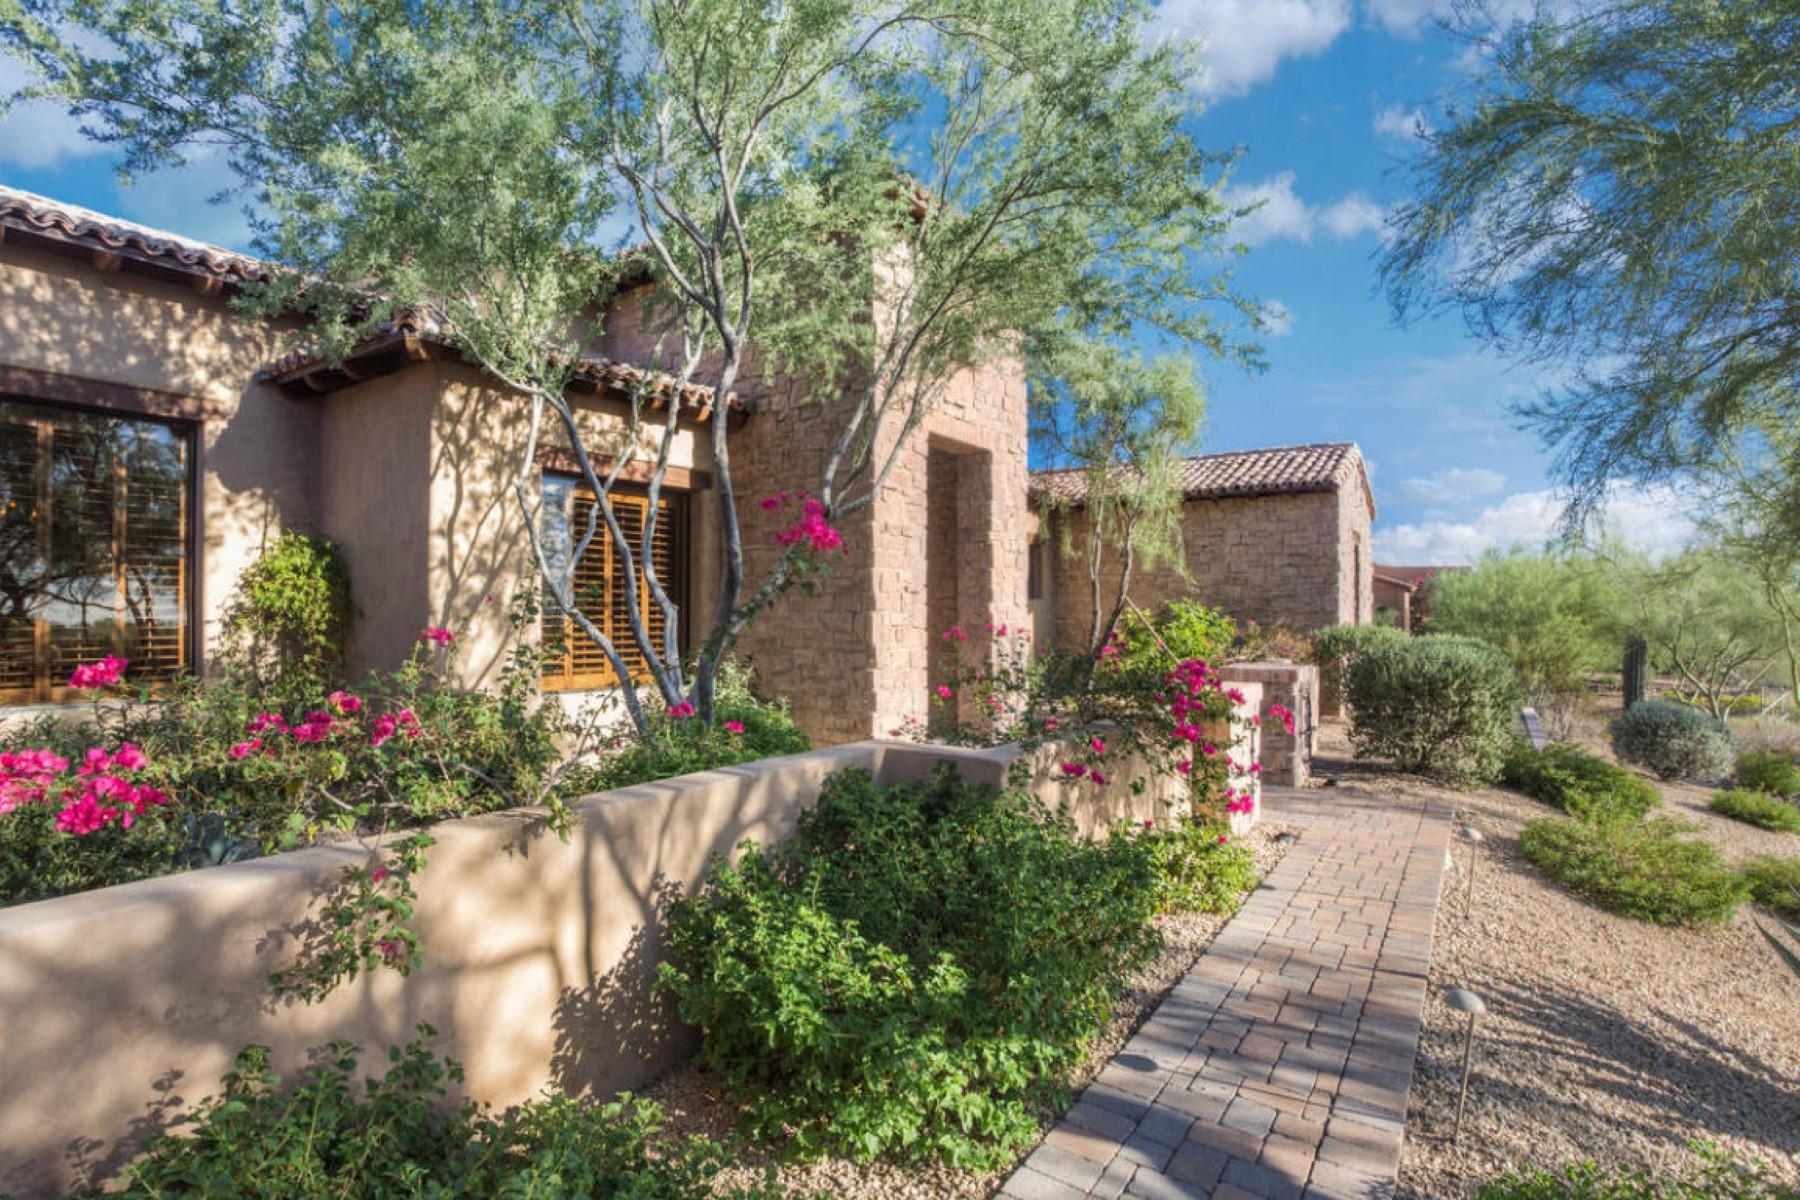 Maison unifamiliale pour l Vente à Unique tuscan retreat that opens to a private backyard sanctuary 3461 N Ladera Cir Mesa, Arizona 85207 États-Unis